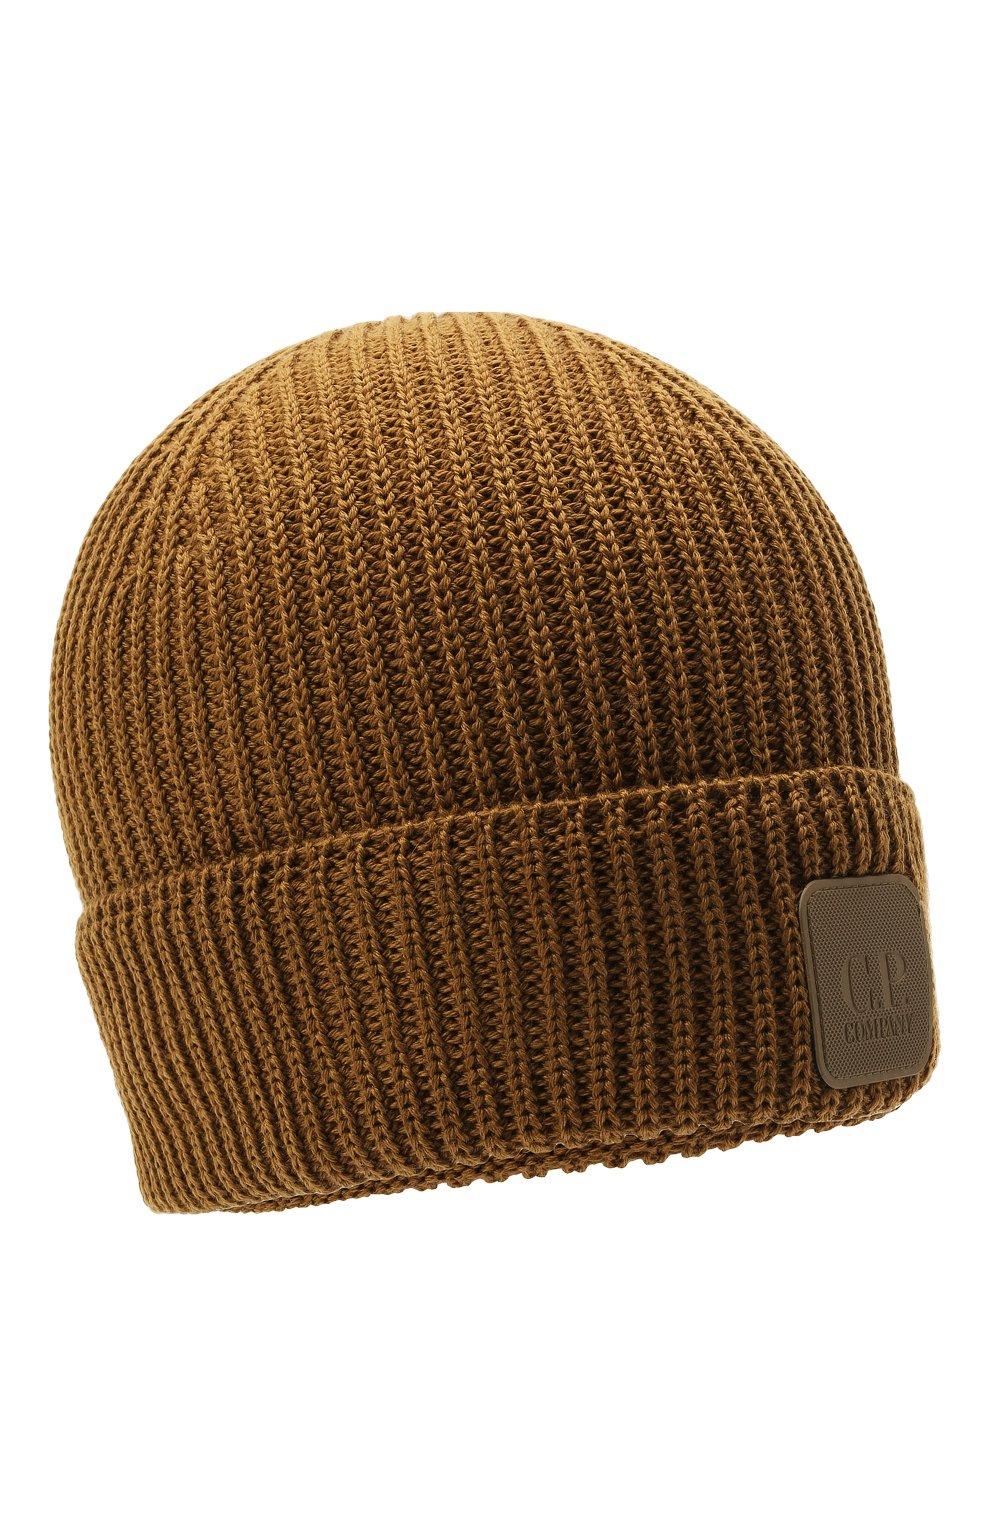 Мужская шерстяная шапка C.P. COMPANY коричневого цвета, арт. 11CMAC121A-005509A   Фото 1 (Материал: Шерсть; Кросс-КТ: Трикотаж)